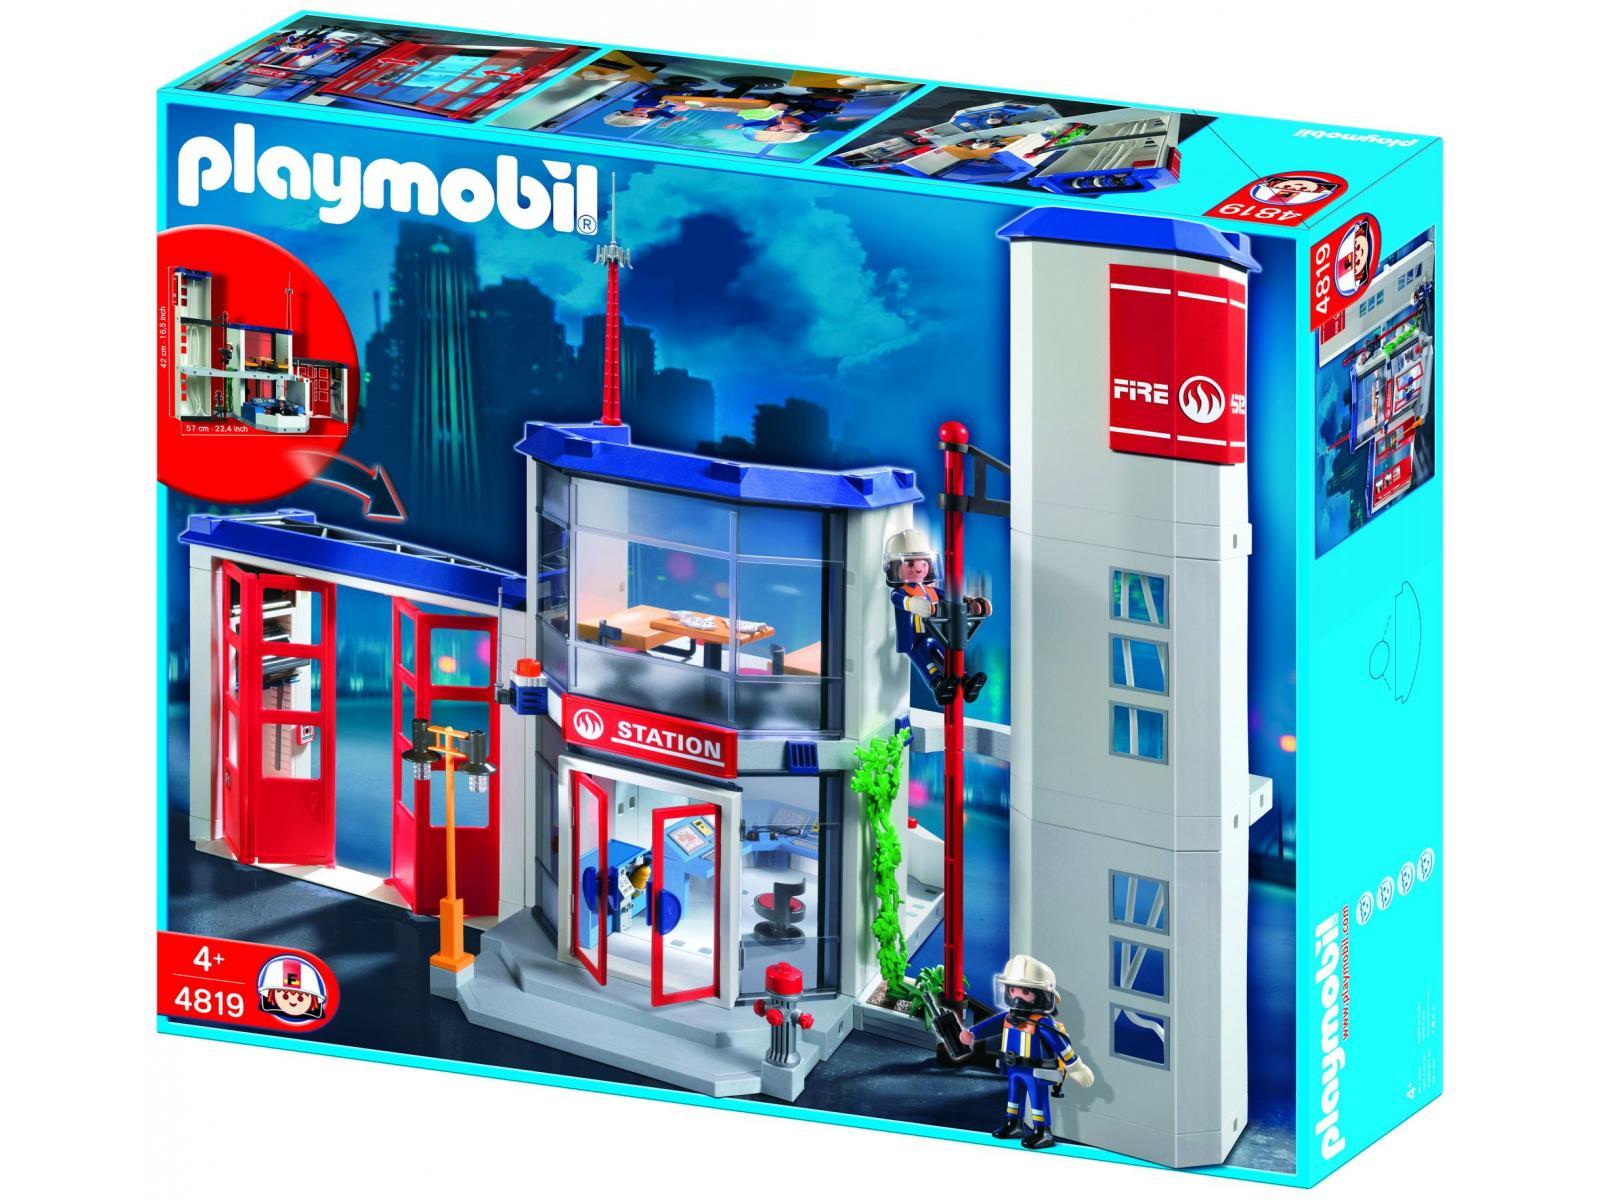 playmobil caserne de pompiers. Black Bedroom Furniture Sets. Home Design Ideas